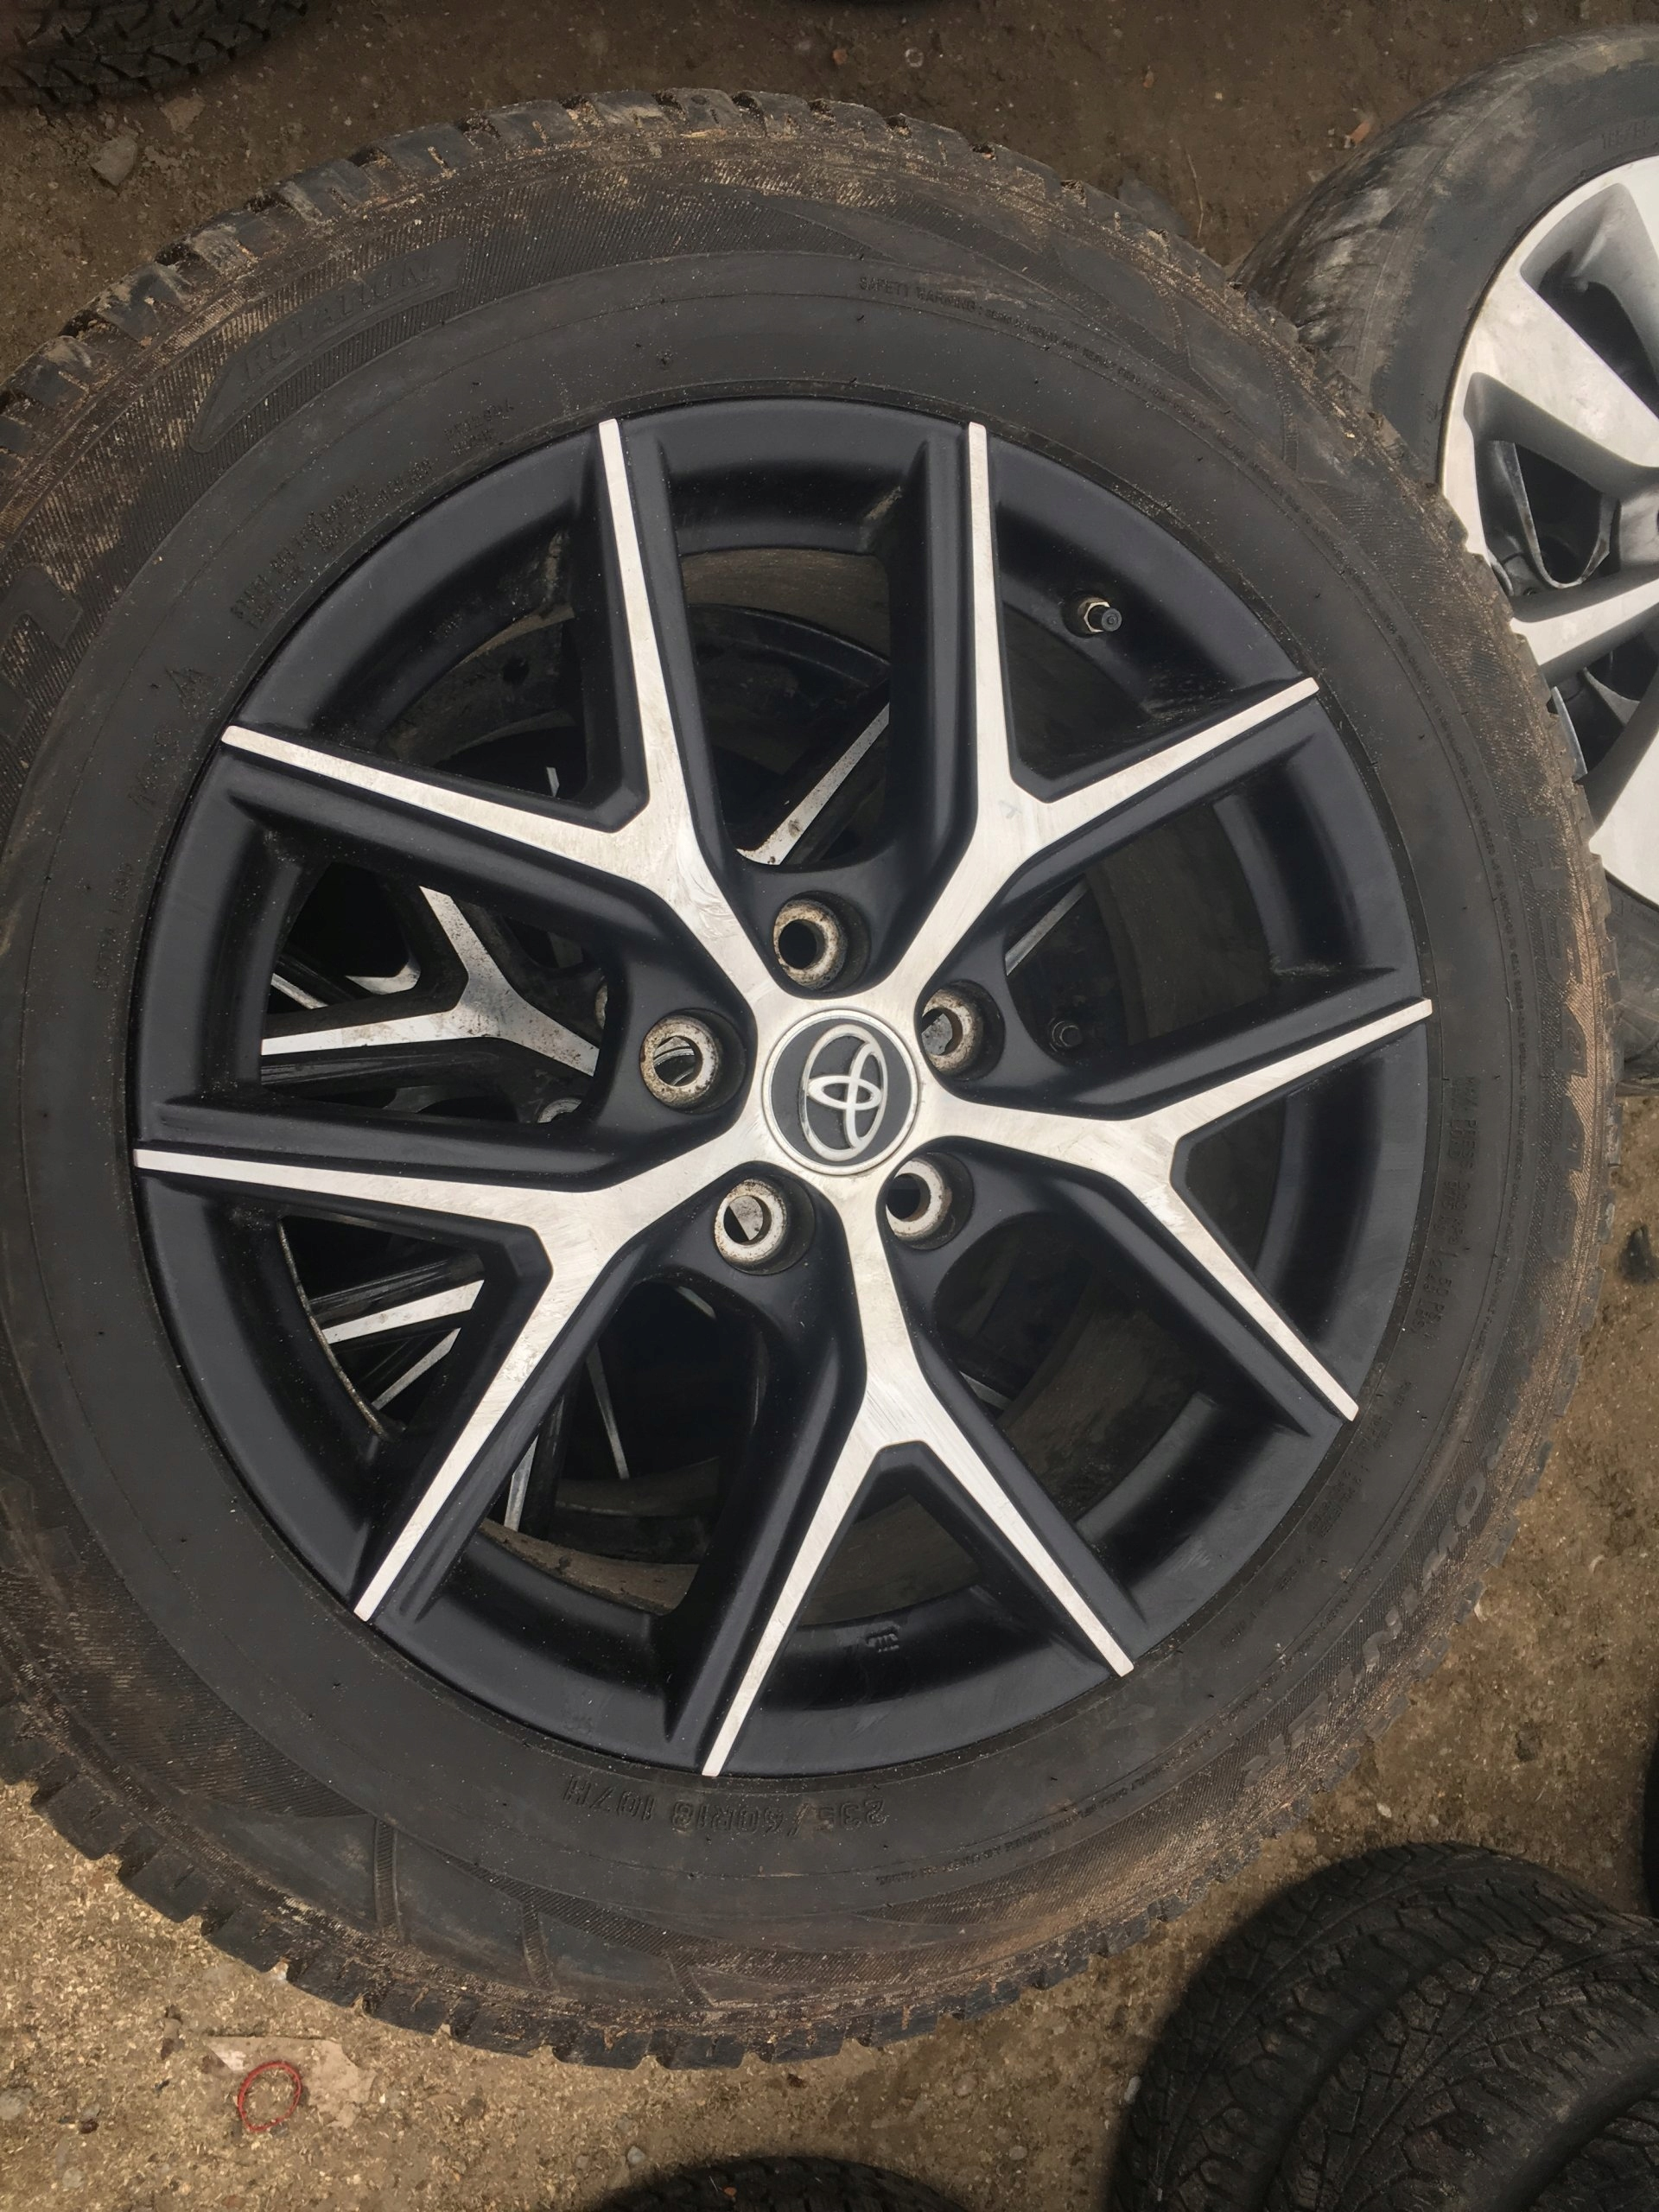 Felgi Opony Zimowe 23560 18 Toyota Rav4 2016 7296064289